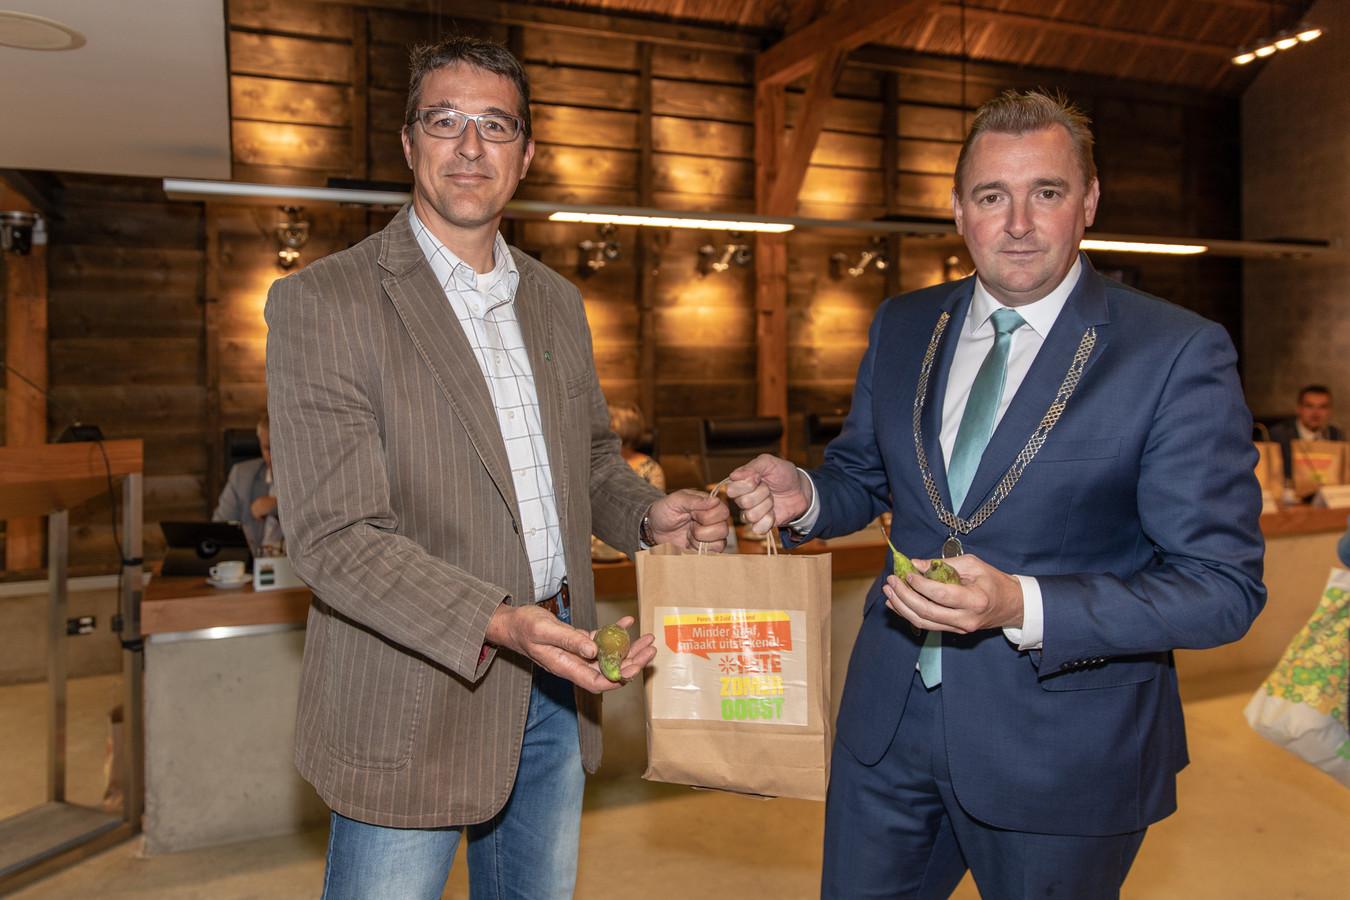 CDA-fractievoorzitter Peter van 't Westeinde overhandigt burgemeester Gerben Dijksterhuis van Borsele een tasje met kleine peren.